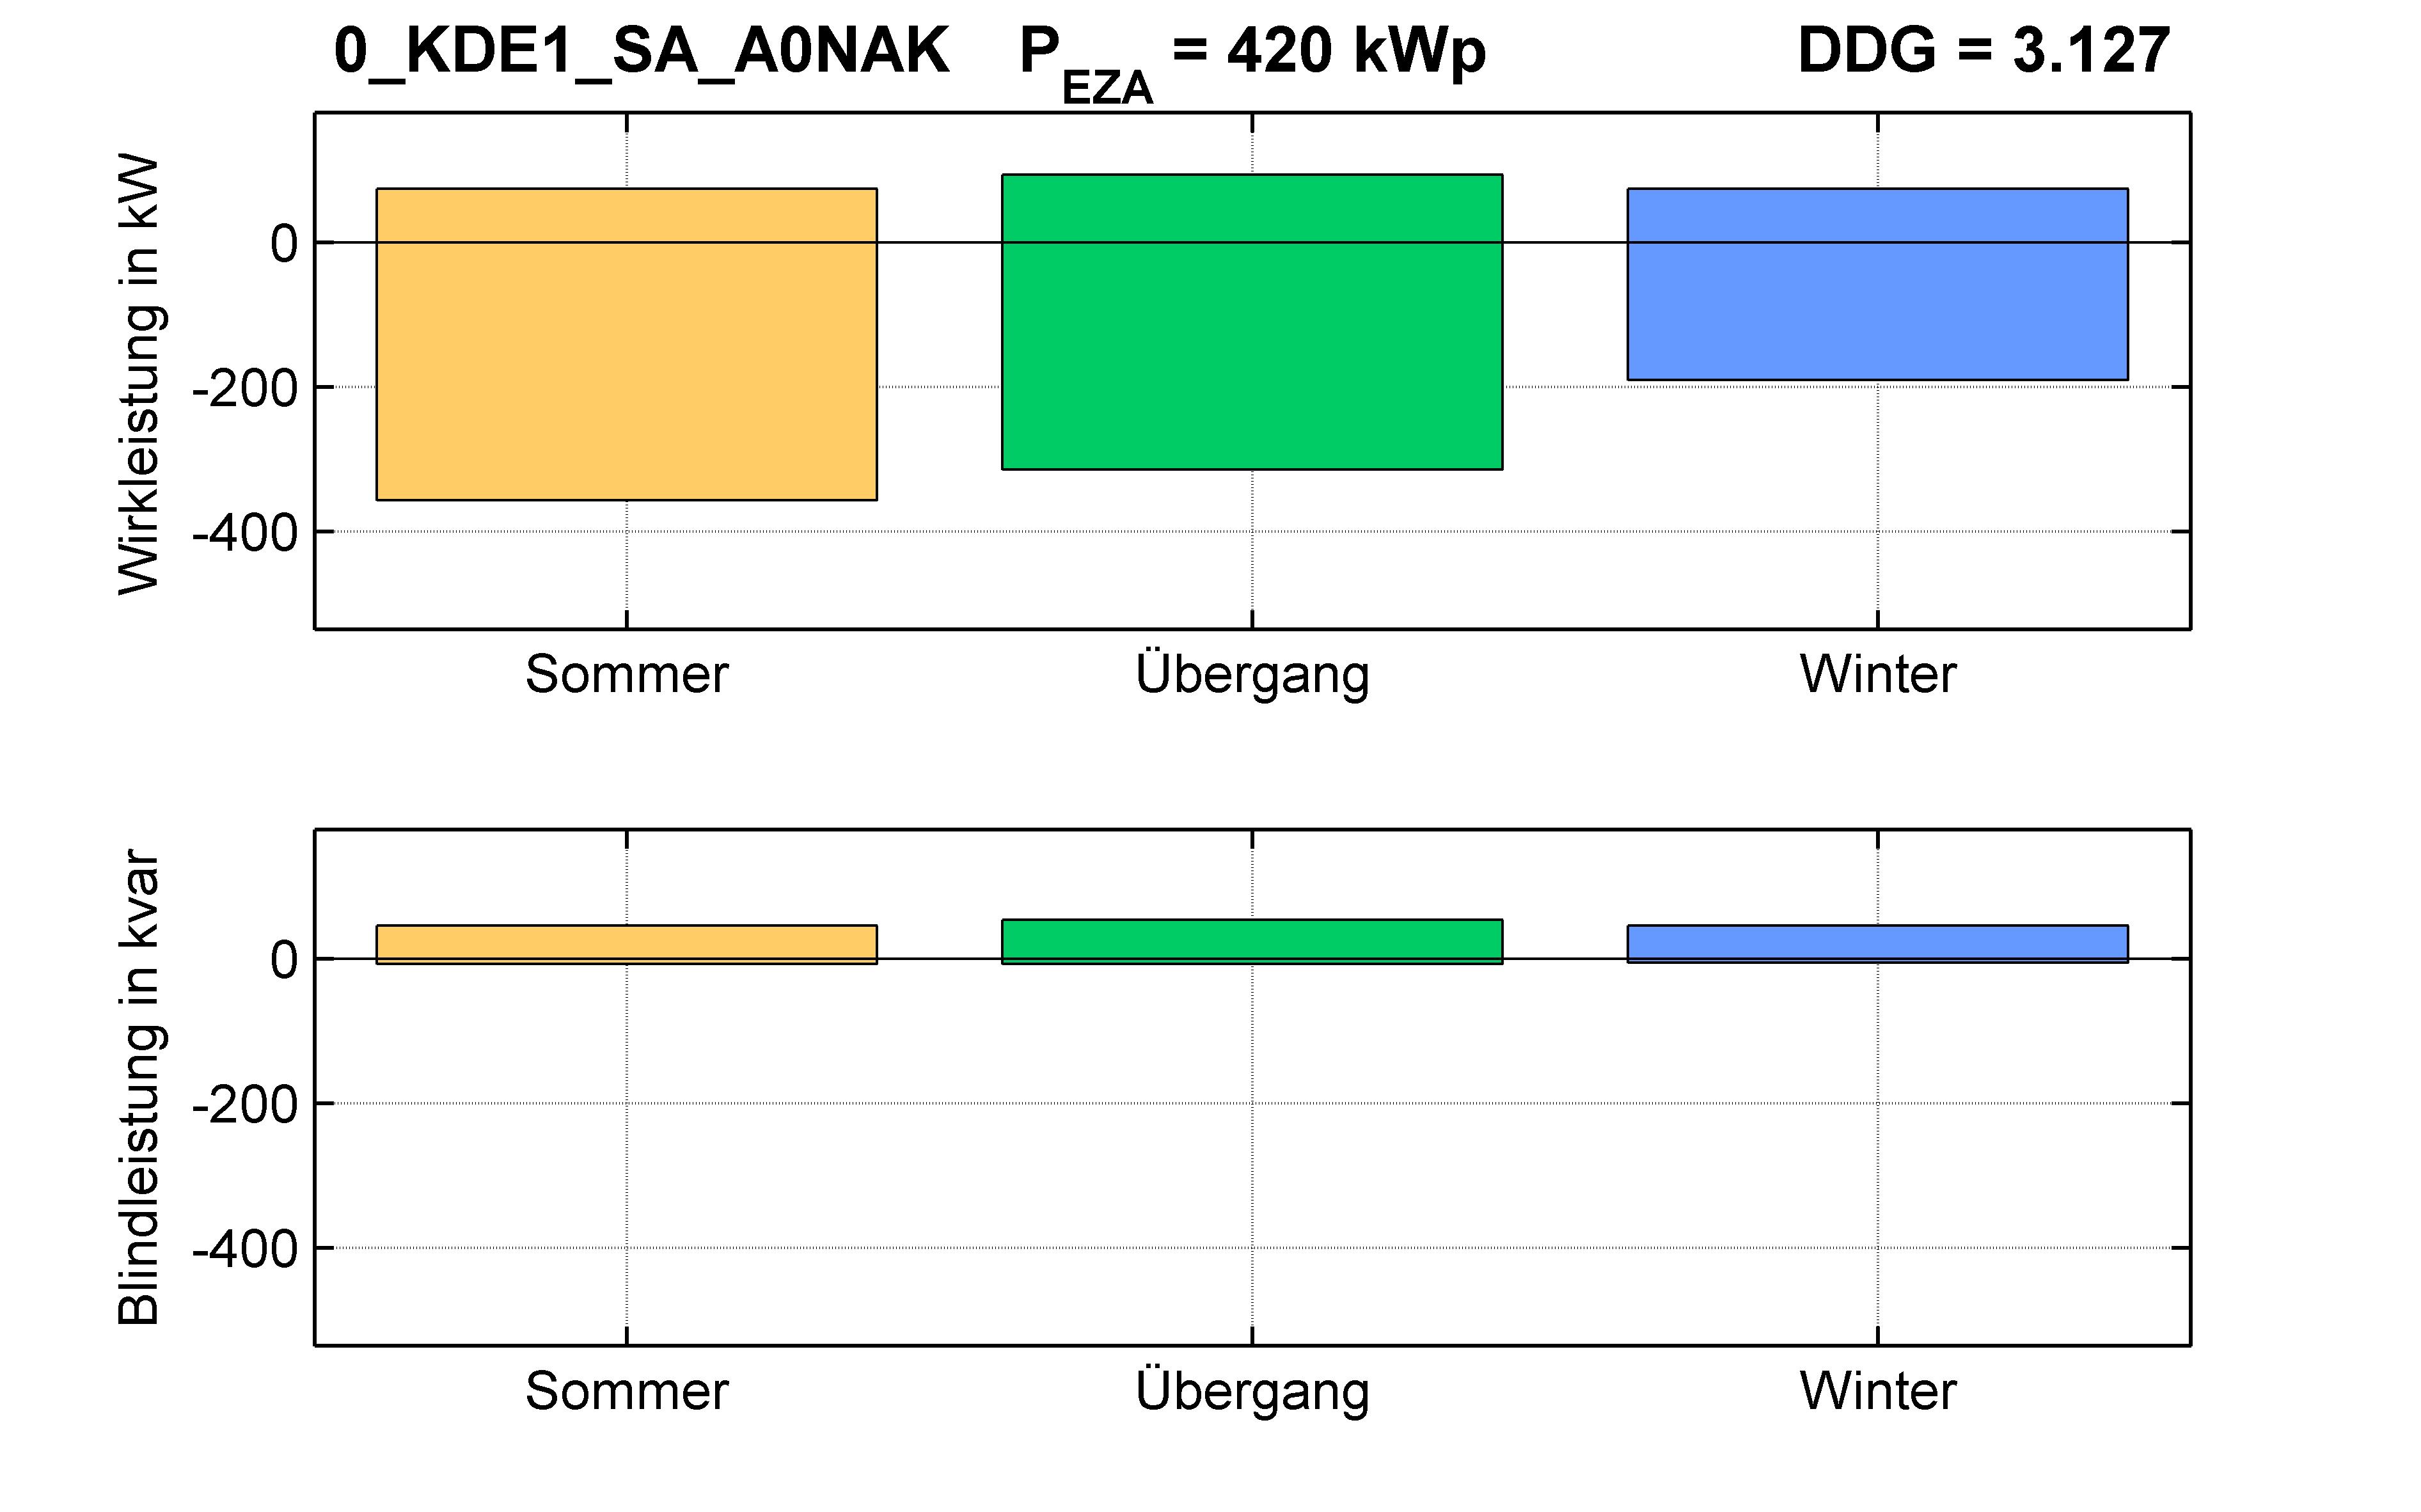 KDE1 | RONT (SA) A0NAK | PQ-Bilanz